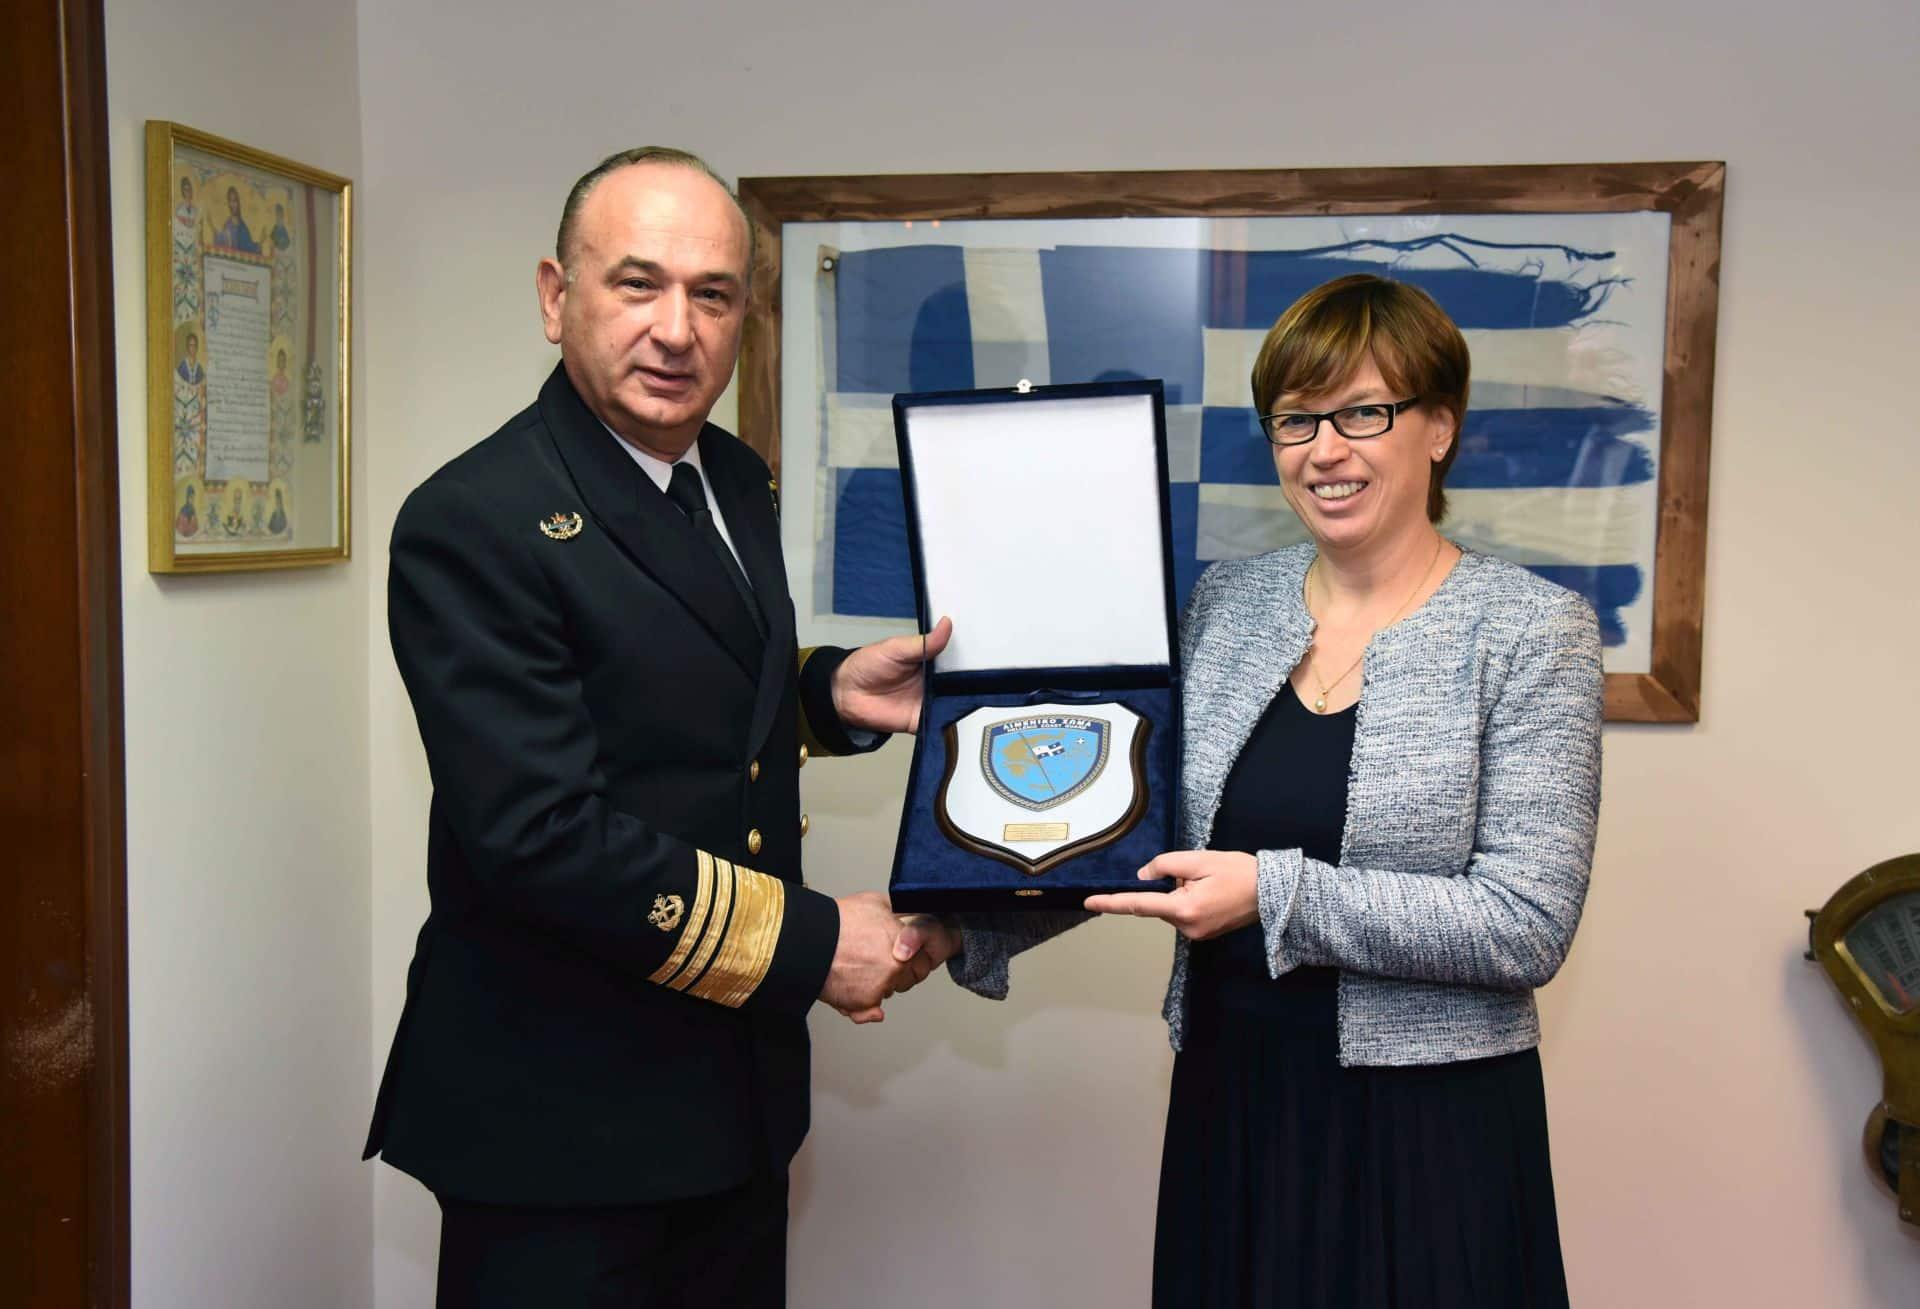 Αποτέλεσμα εικόνας για Επίσκεψη της Εκτελεστικής Διευθύντριας της EUROPOL στο Υπουργείο Ναυτιλίας και Νησιωτικής Πολιτικής